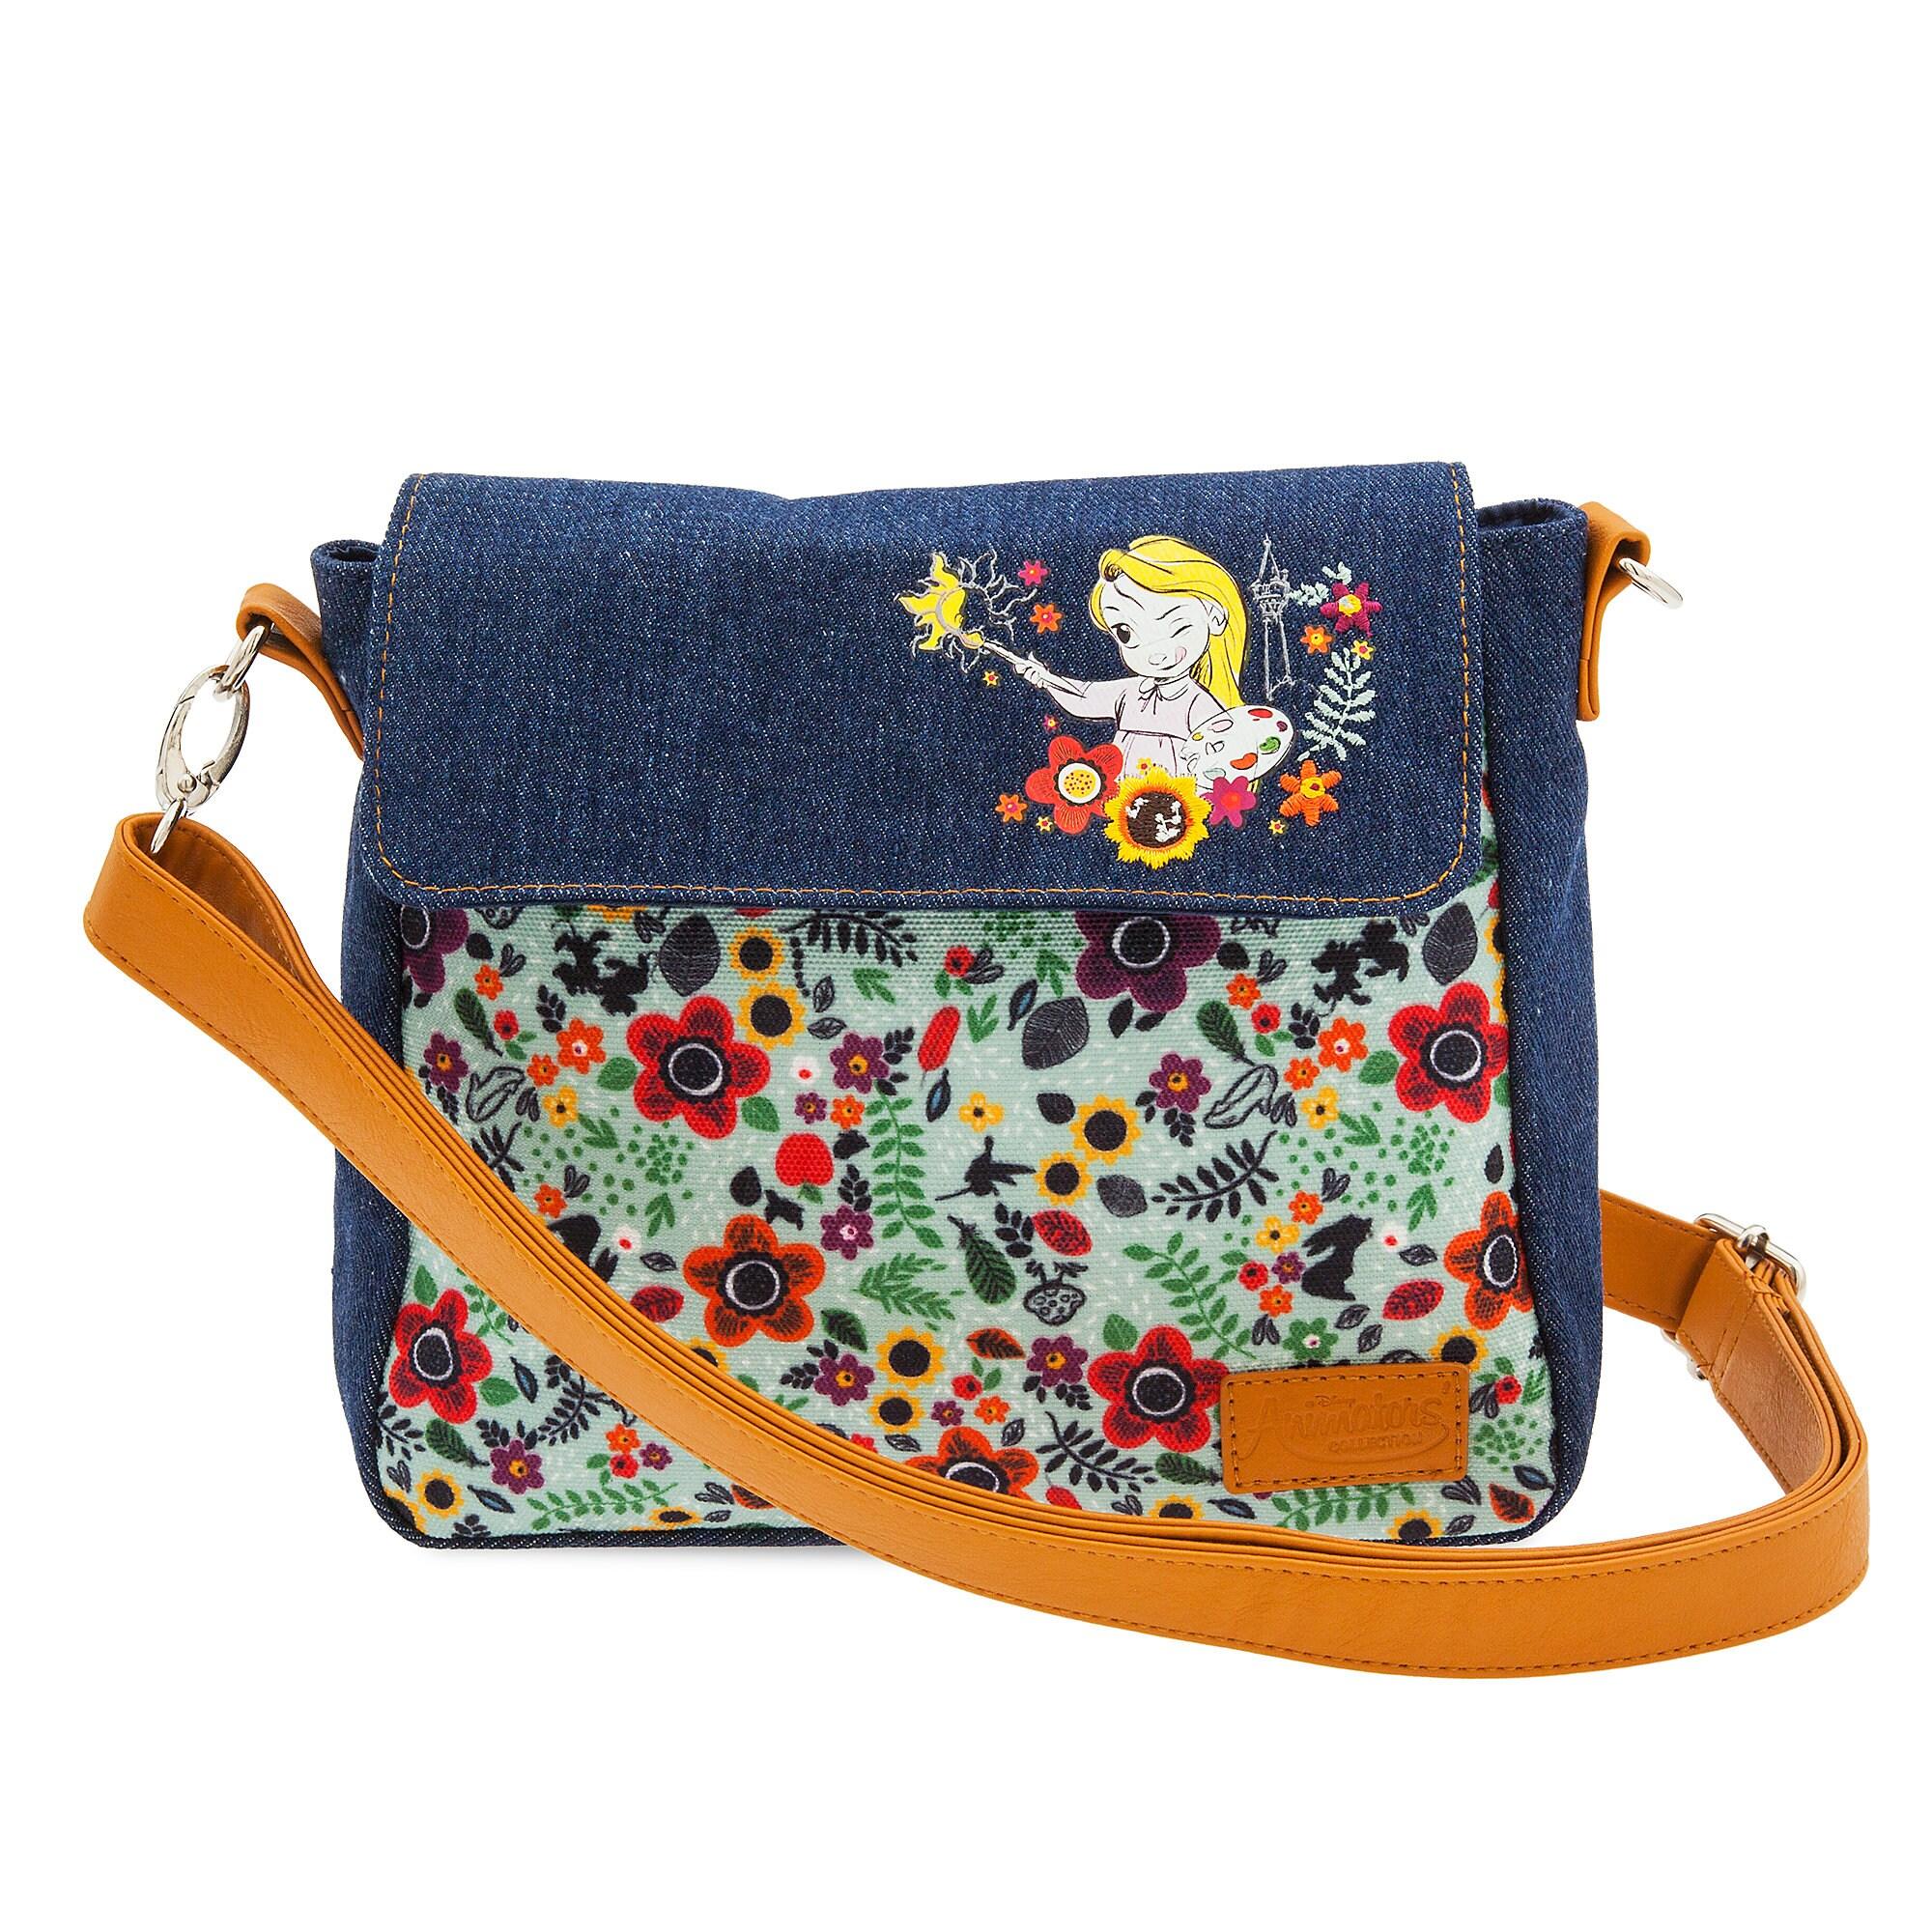 Disney Animators' Collection Fashion Bag for Kids